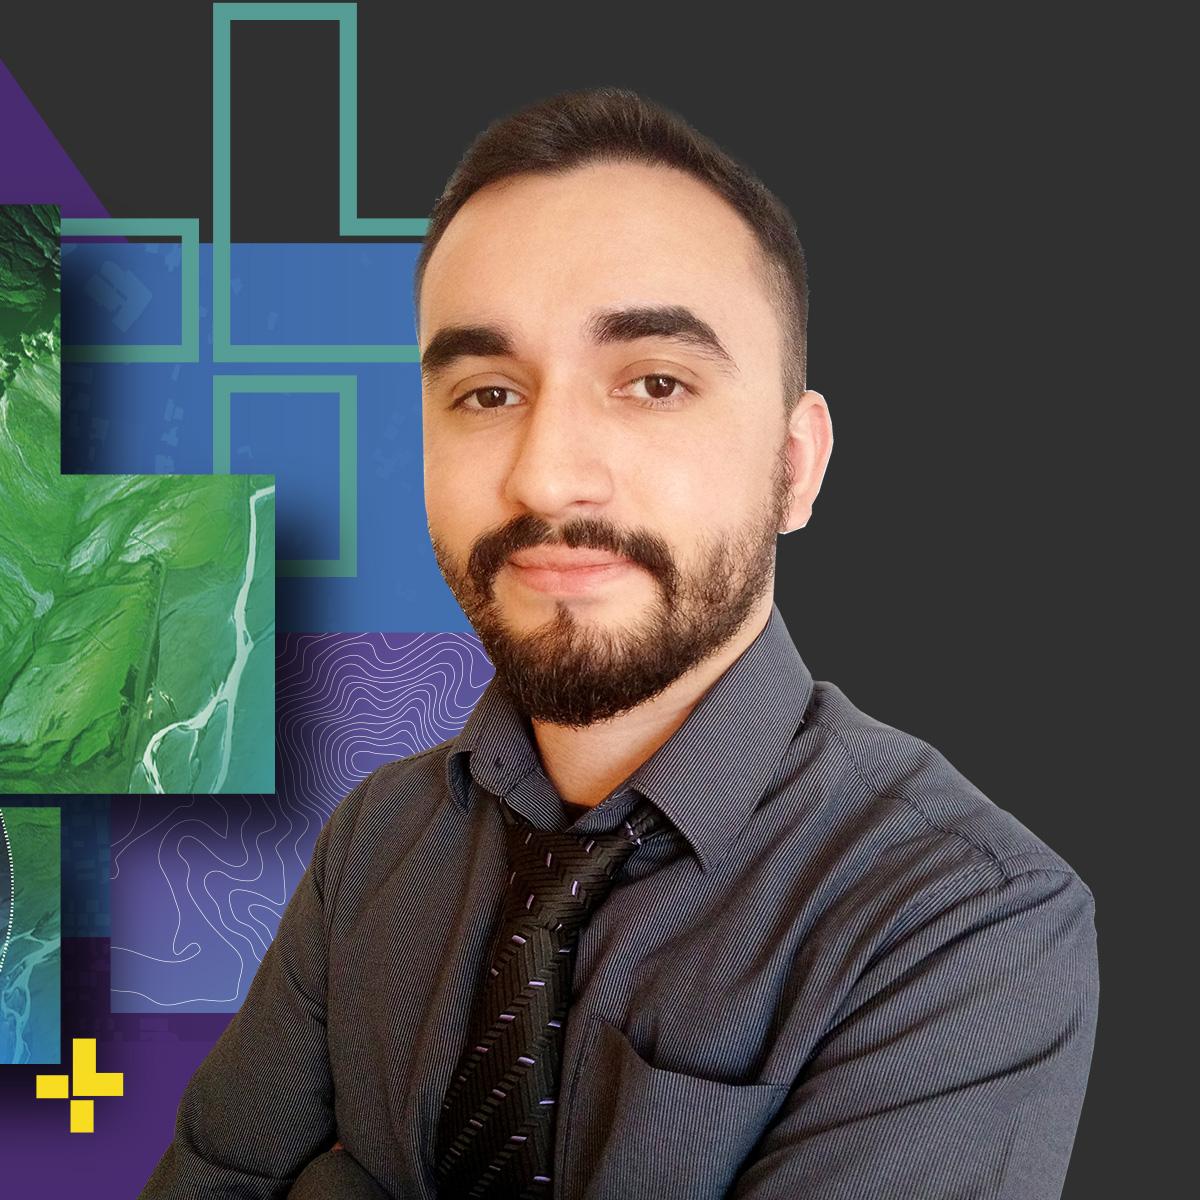 Guilherme Machado - Especialista em Marketing de Conteúdo - Content Marketing Specialist - Editor e Redator Portal GEO